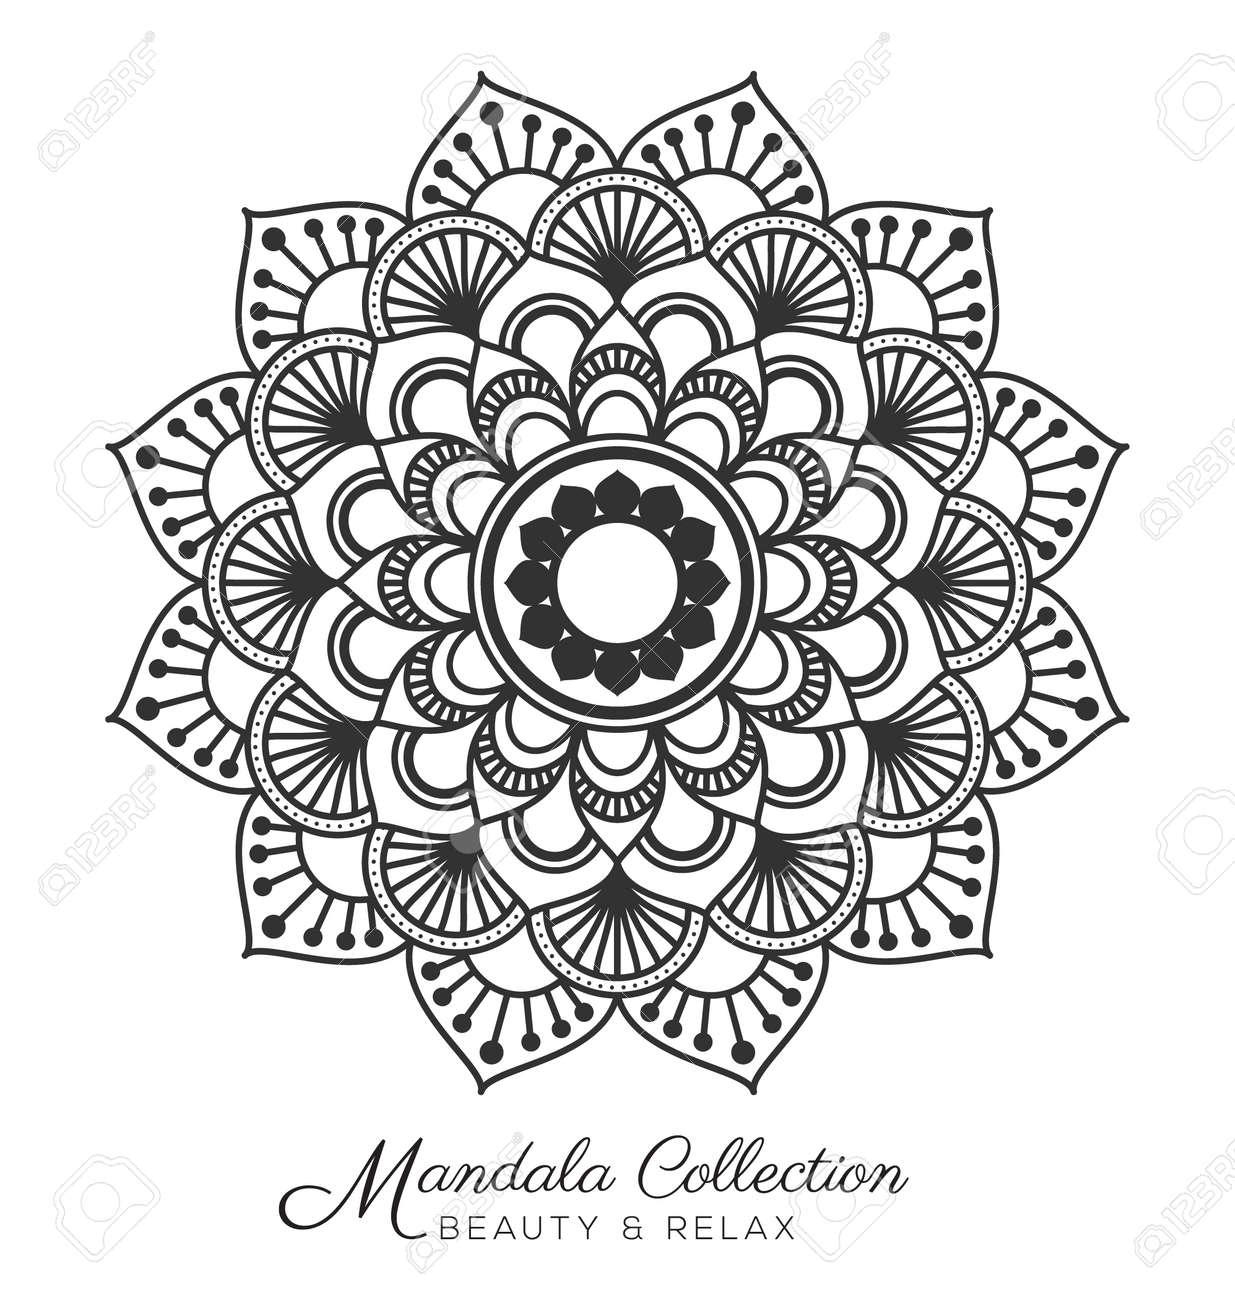 Tibetan Mandala Conception D Ornement Decoratif Pour Coloriage Carte De Voeux D Invitation Tatouage Yoga Et Spa Symbole Vector Illustration